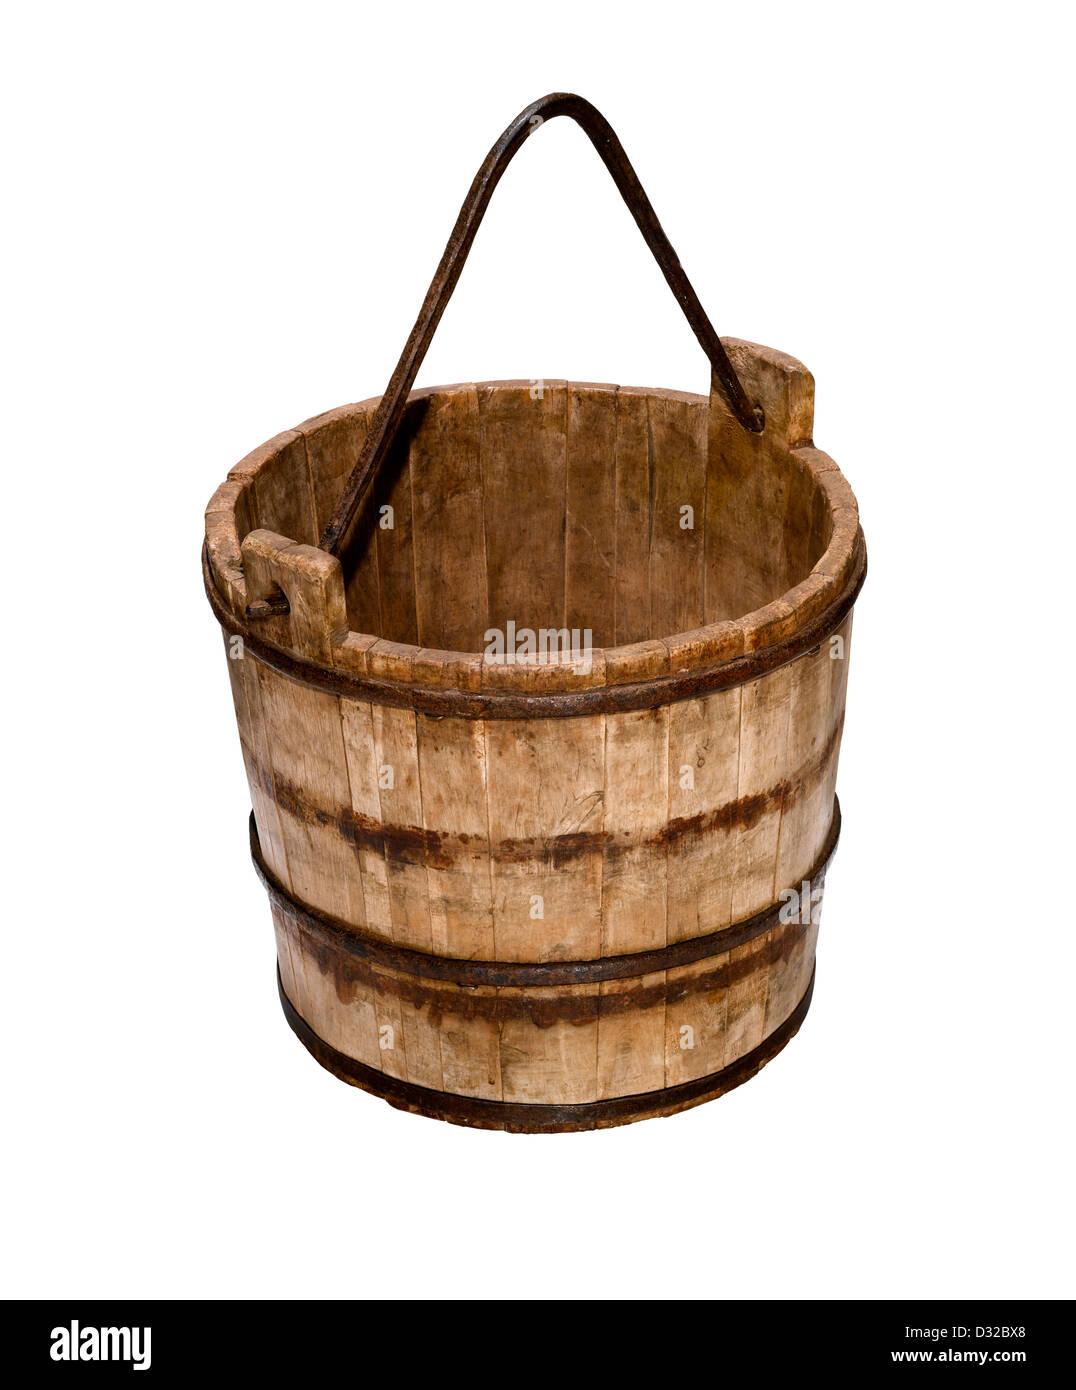 Un vecchio secchio di legno o secchio con la sua maniglia Immagini Stock